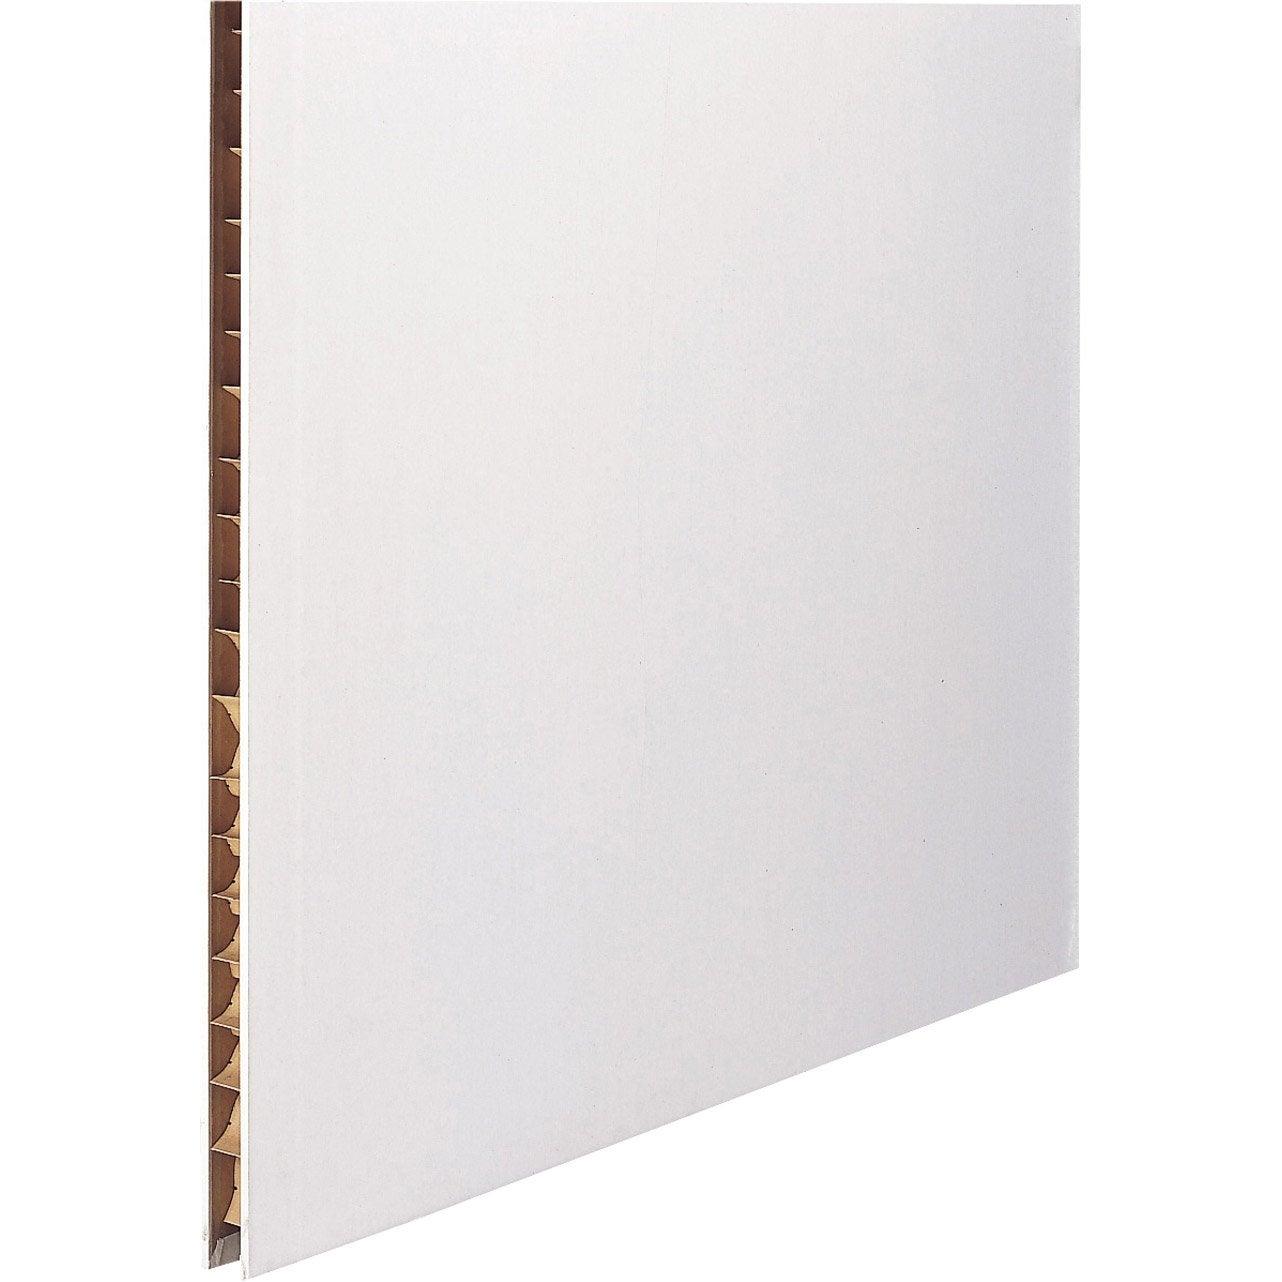 Cloison Bois Alvéolaire - Cloison alvéolaire CE 2 5 x 0 6 m, Ep 5 cm Leroy Merlin